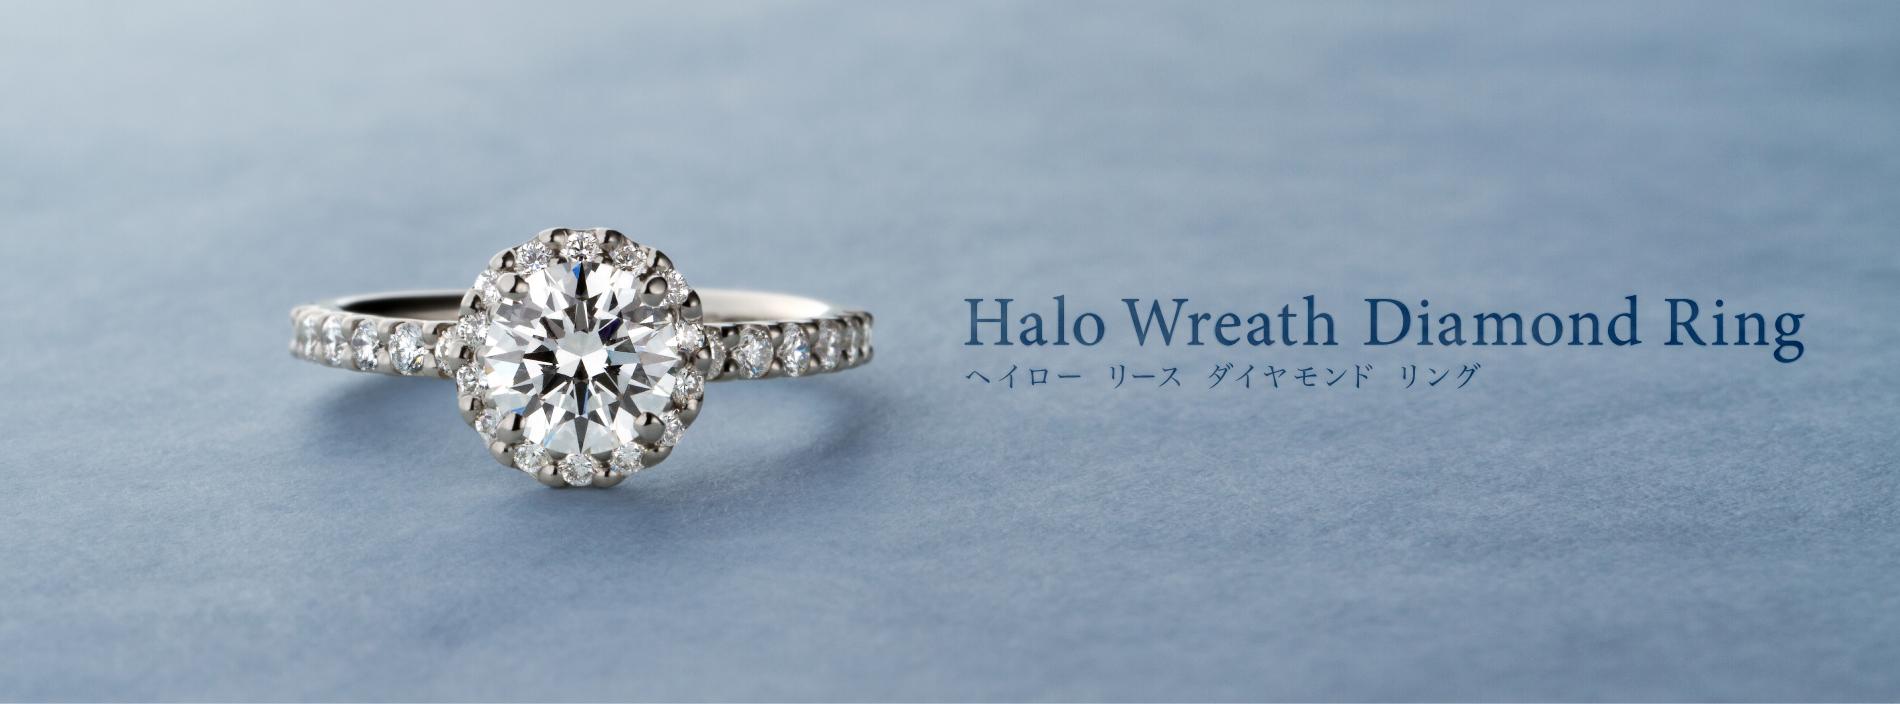 ヘイローリースダイヤモンドリング